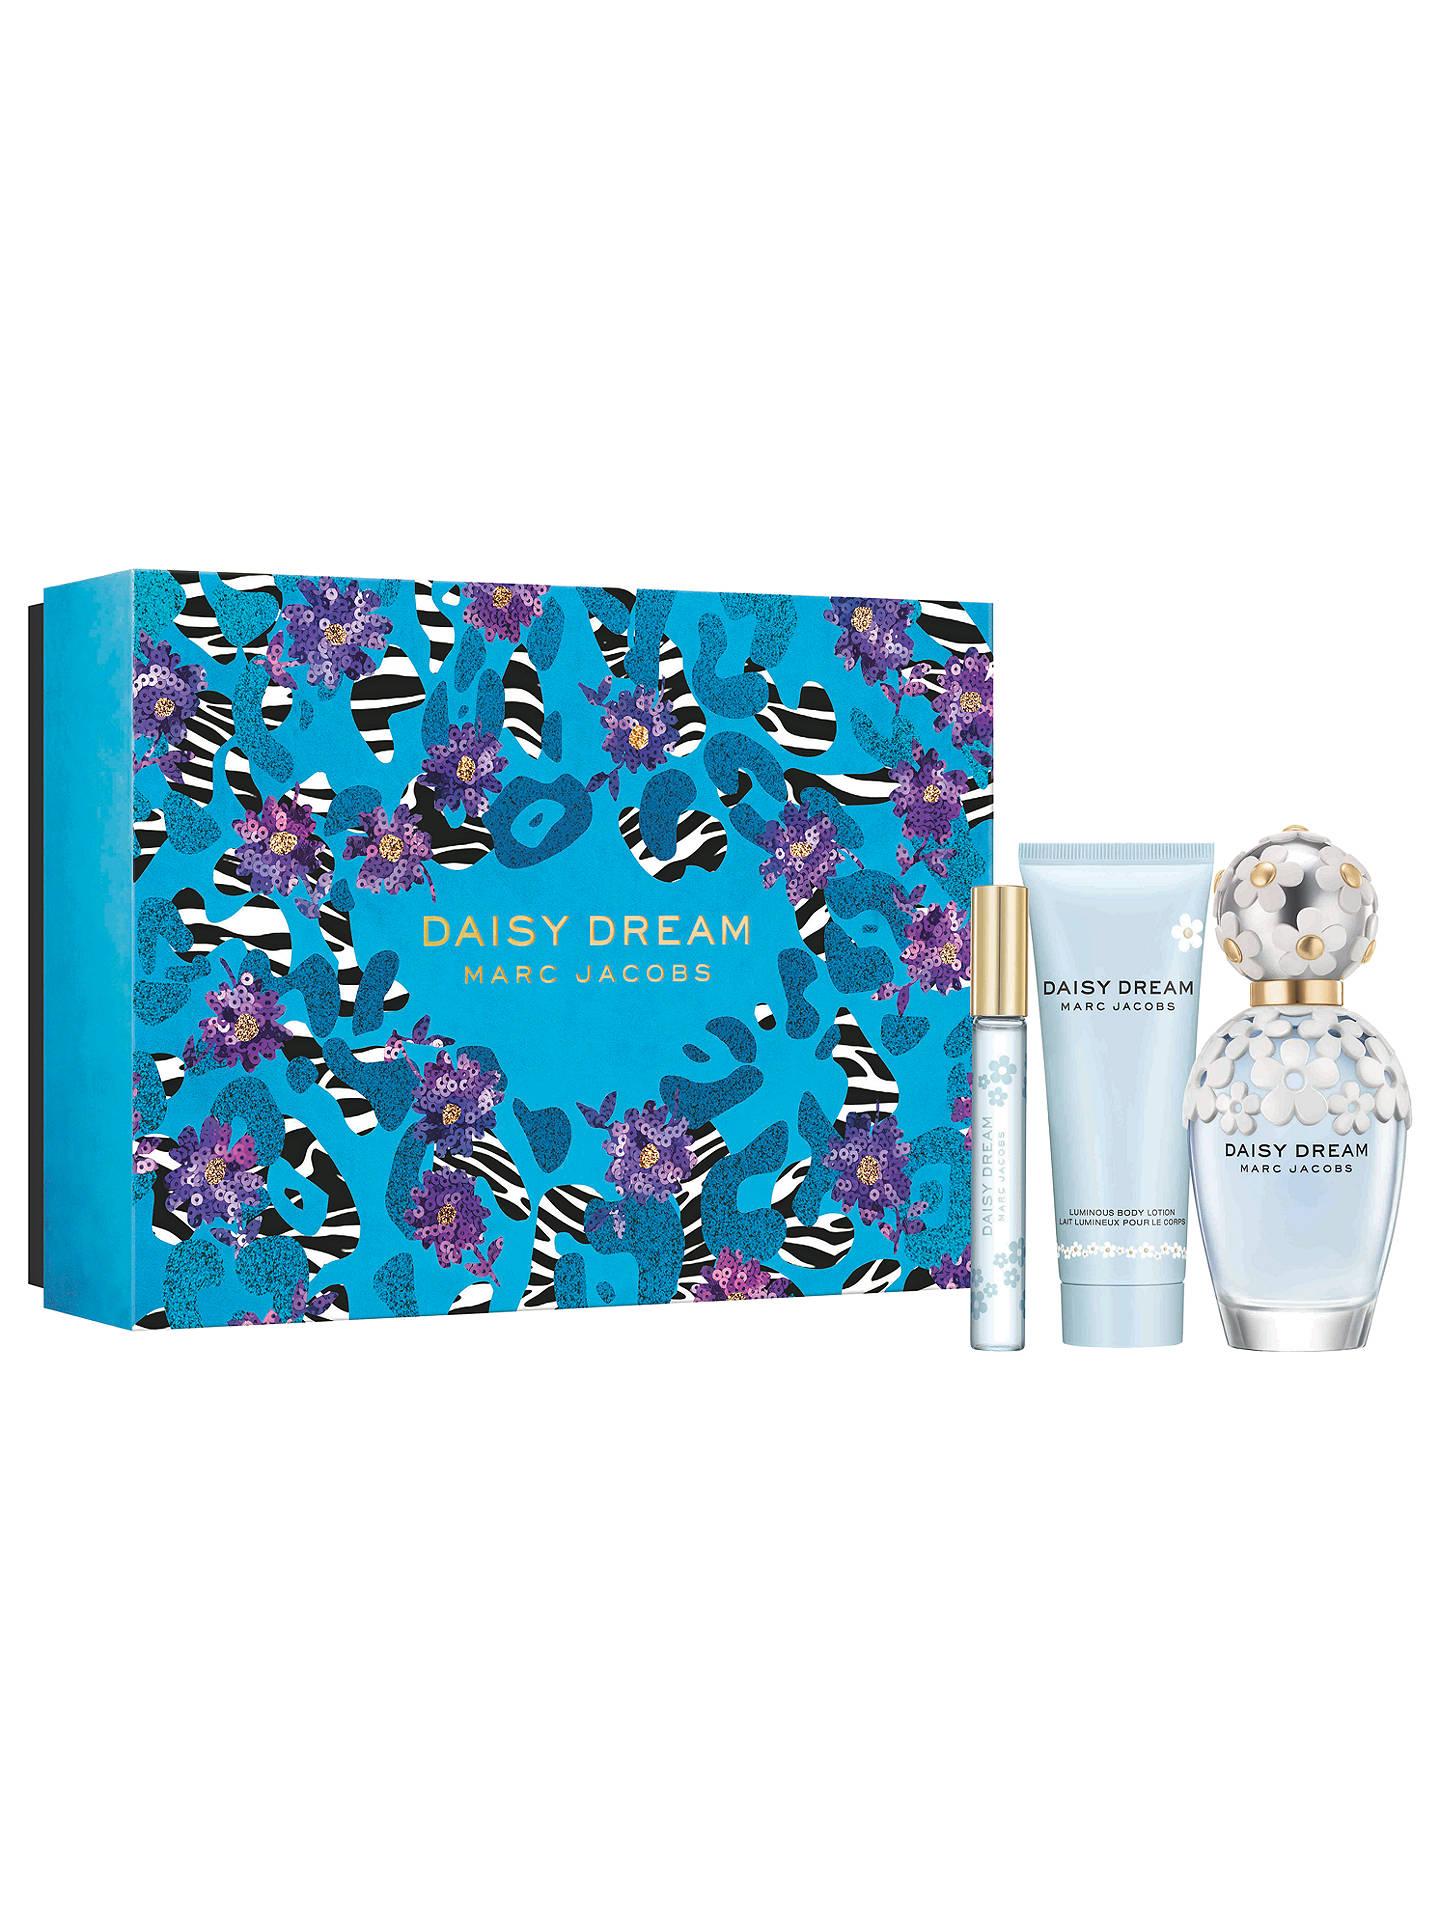 b22e973c6211 Buy Marc Jacobs Daisy Dream 100ml Eau de Toilette Fragrance Gift Set Online  at johnlewis.